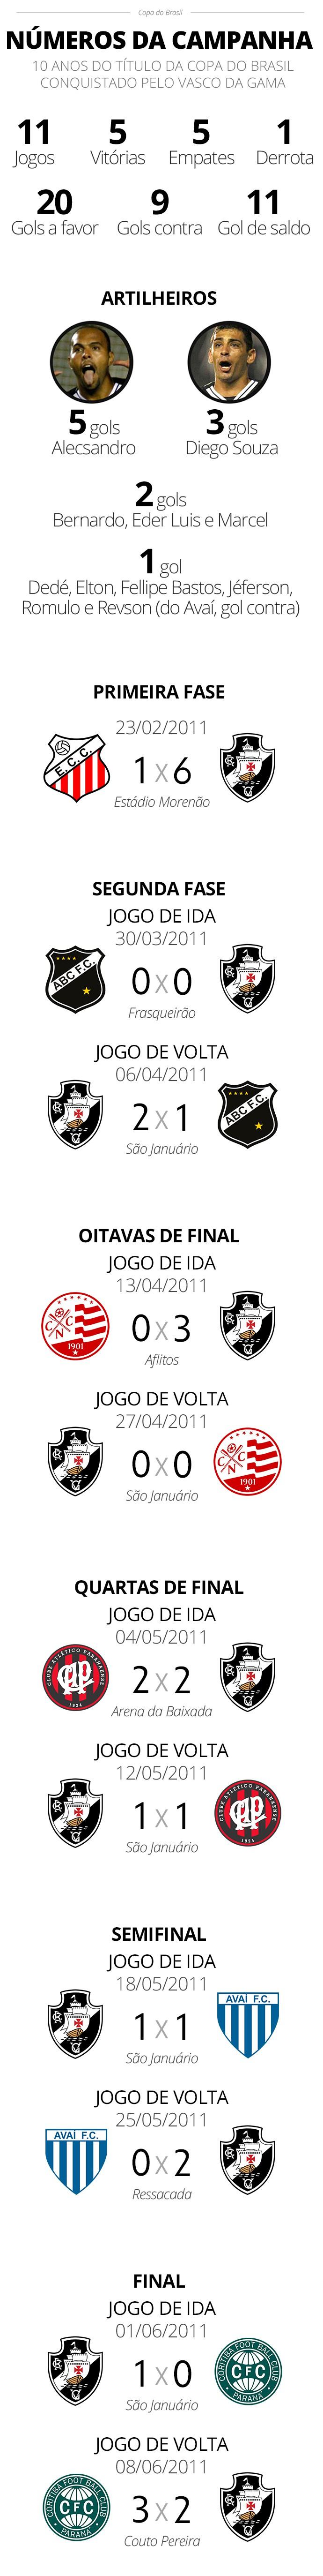 Confira os números do campeão da Copa do Brasil 2011 - Editoria de arte/ge